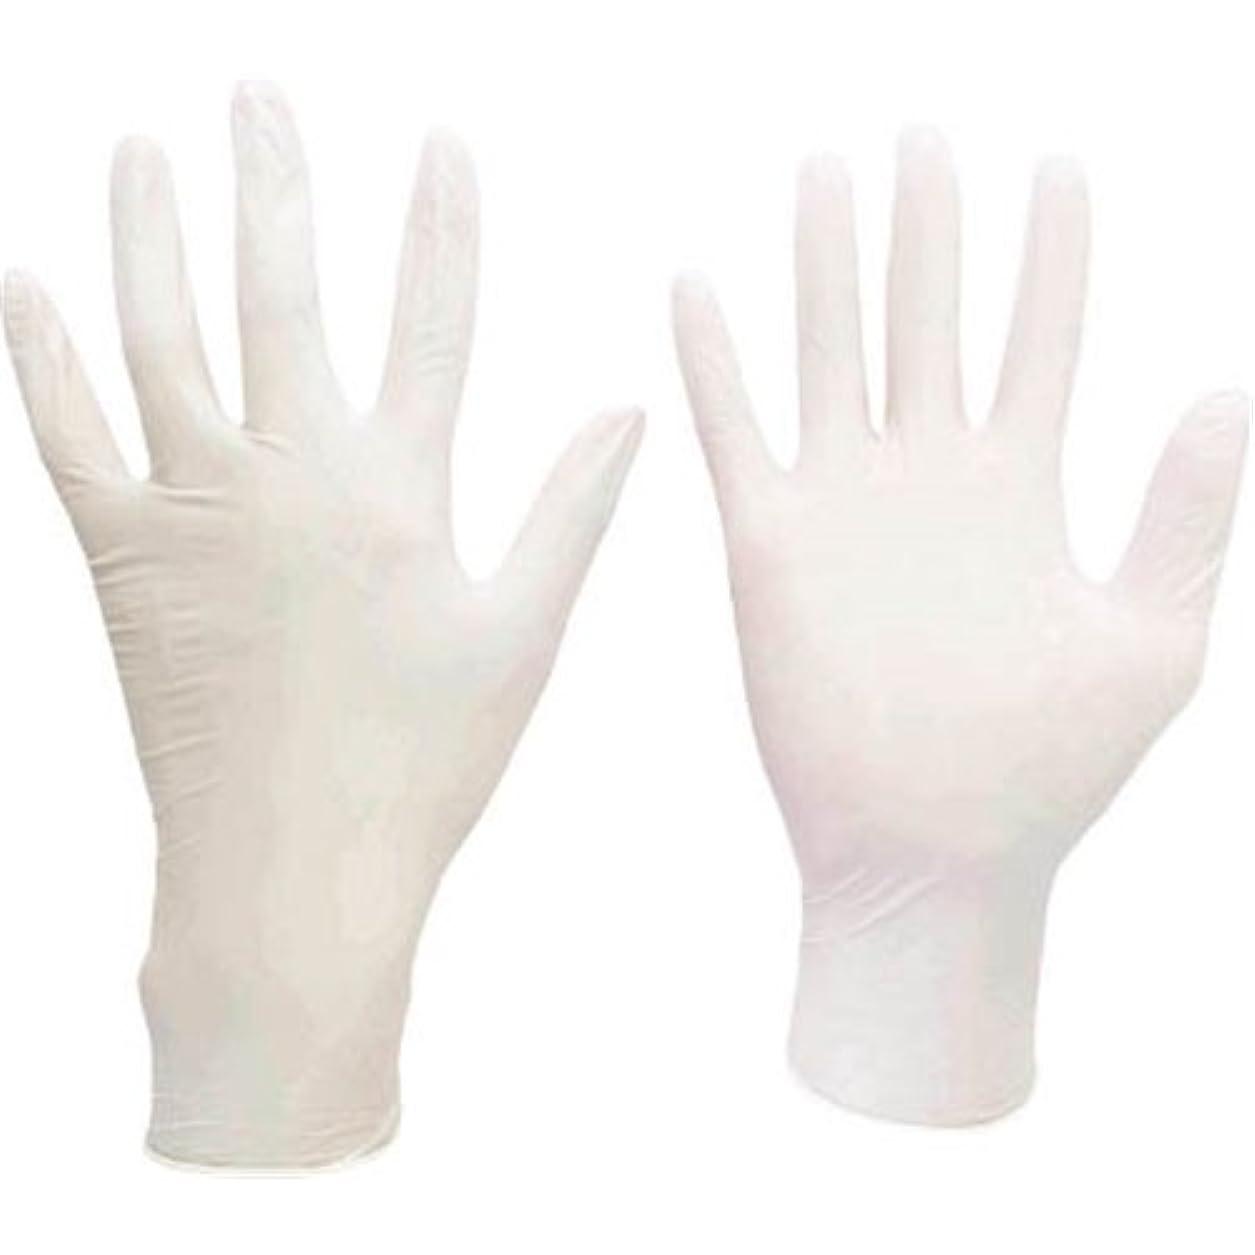 破産特徴づけるスクリューミドリ安全/ミドリ安全 ニトリル使い捨て手袋 極薄 粉なし 100枚入 白 M(3889084) VERTE-711-M